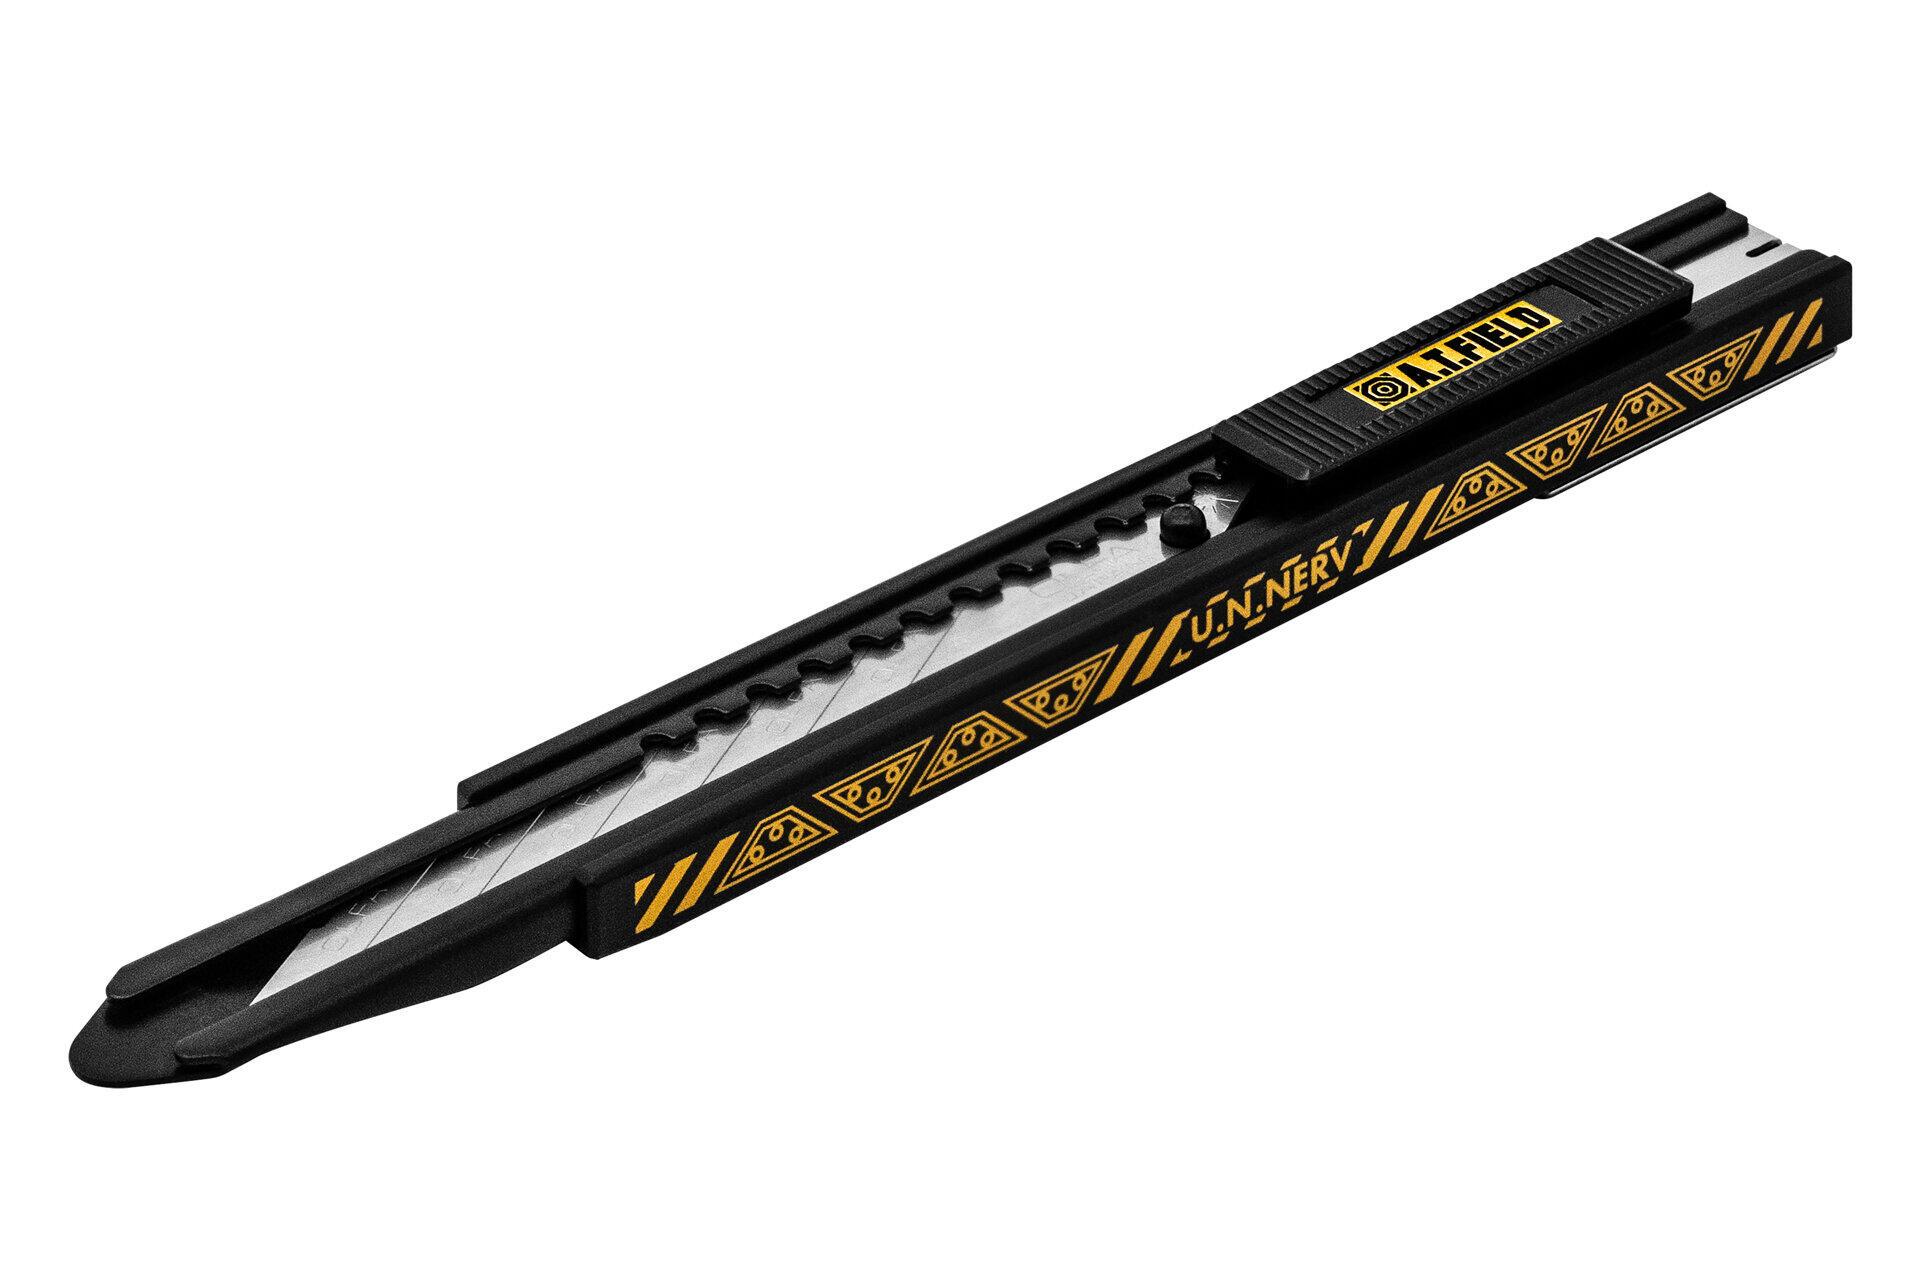 「エヴァンゲリオン」×オルファコラボ、「NERV」デザインのカッターナイフ&マット